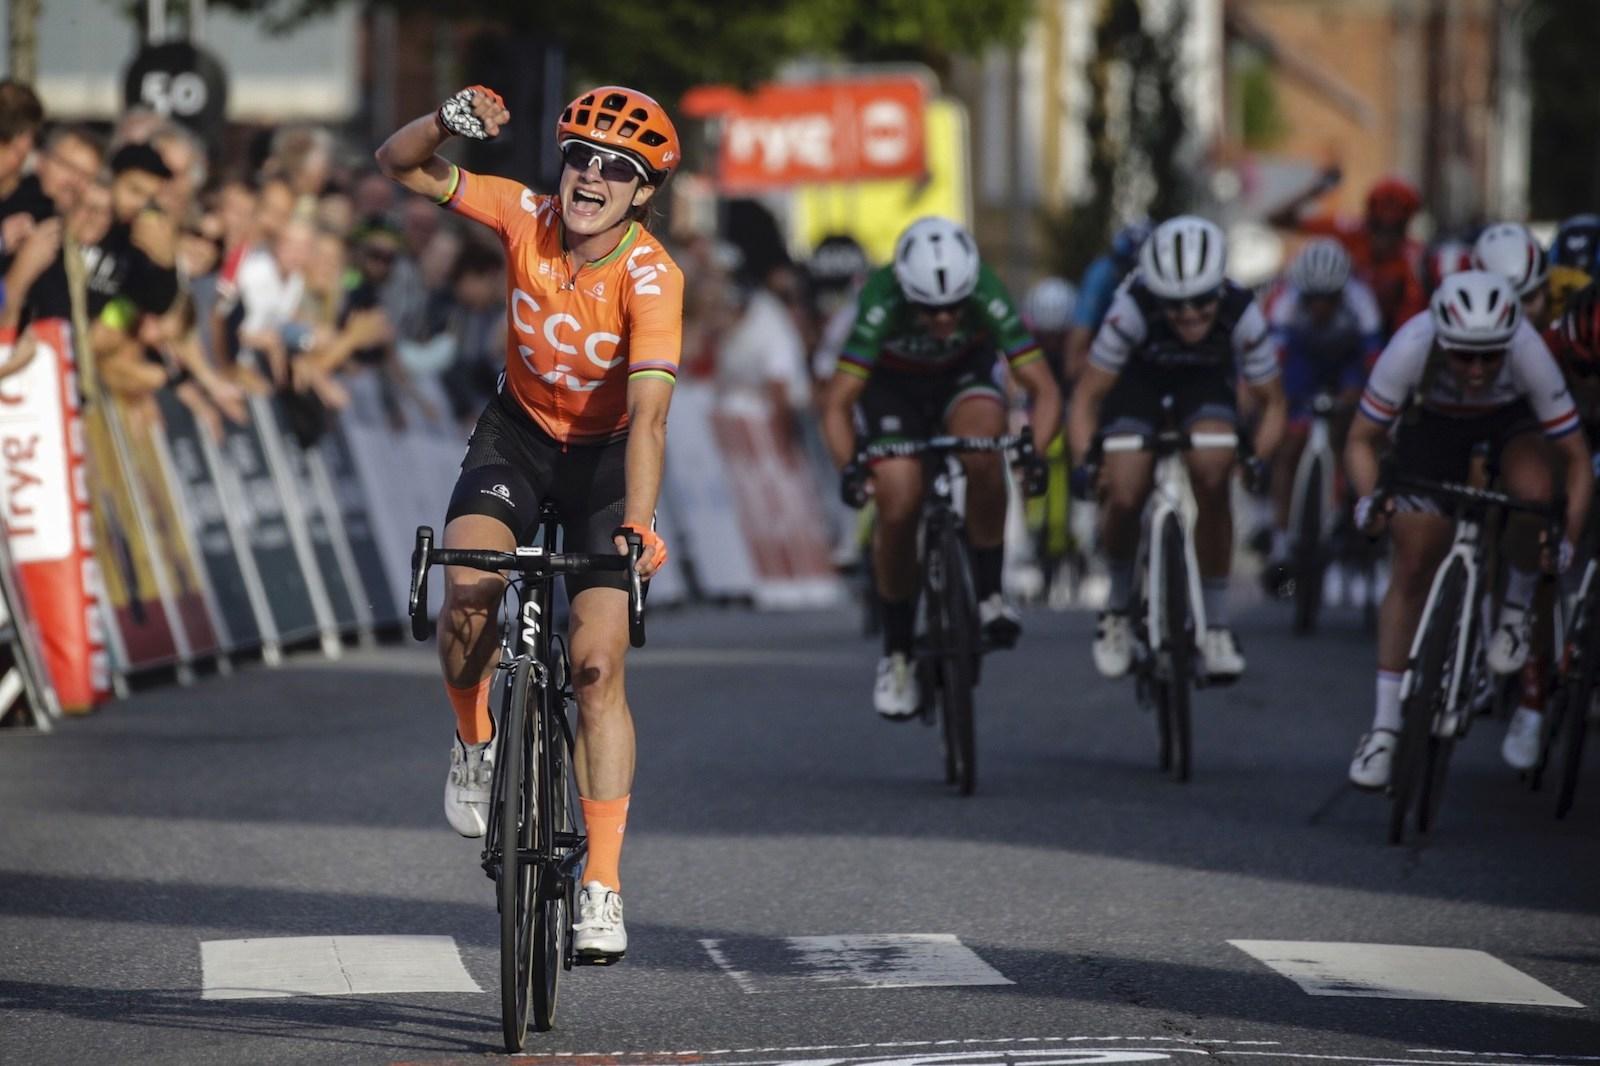 SPURTSEIER: Marianne Vos, som vant Ladies Tour of Norway i fjor, tok spurtseieren på andre etappe av rittet i dag. Foto: Cor Vos